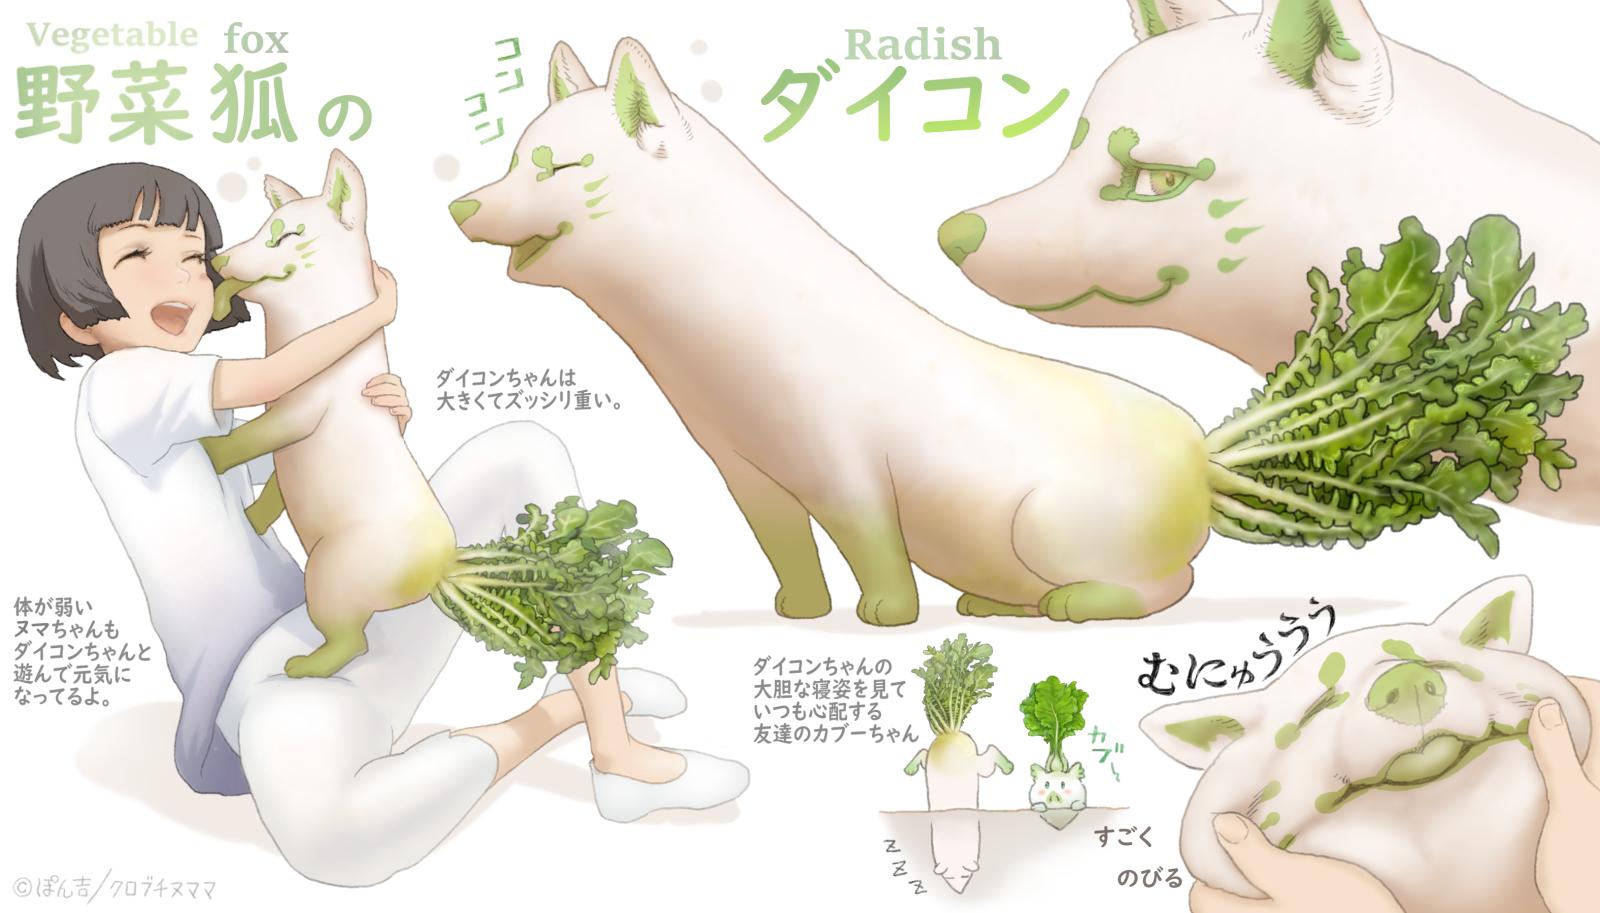 野菜狐の妖精 ダイコン 大根の名前の由来は、大きな根を意味する大根(おおね)からで 生でも煮ても焼いても消化が良く、食当たりしないので 何をやっても当たらない役者を(大根役者)と呼ぶらしいわよ。🦊🥬✨